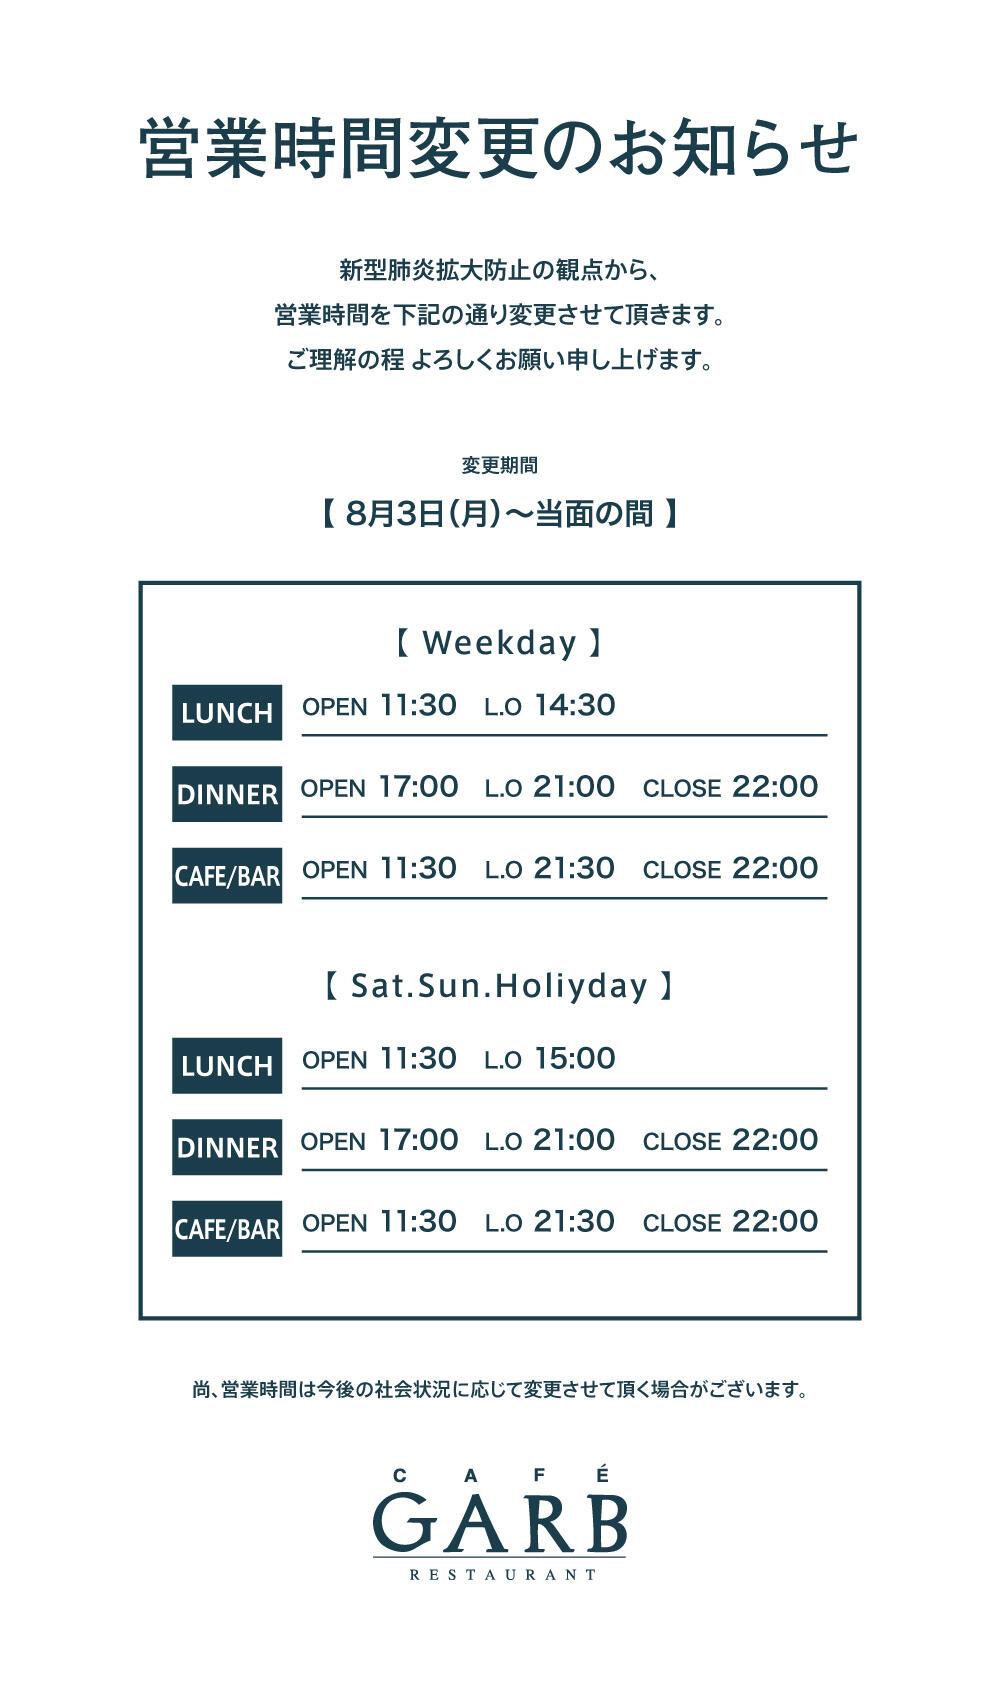 ge_200804_営業時間変更.jpg